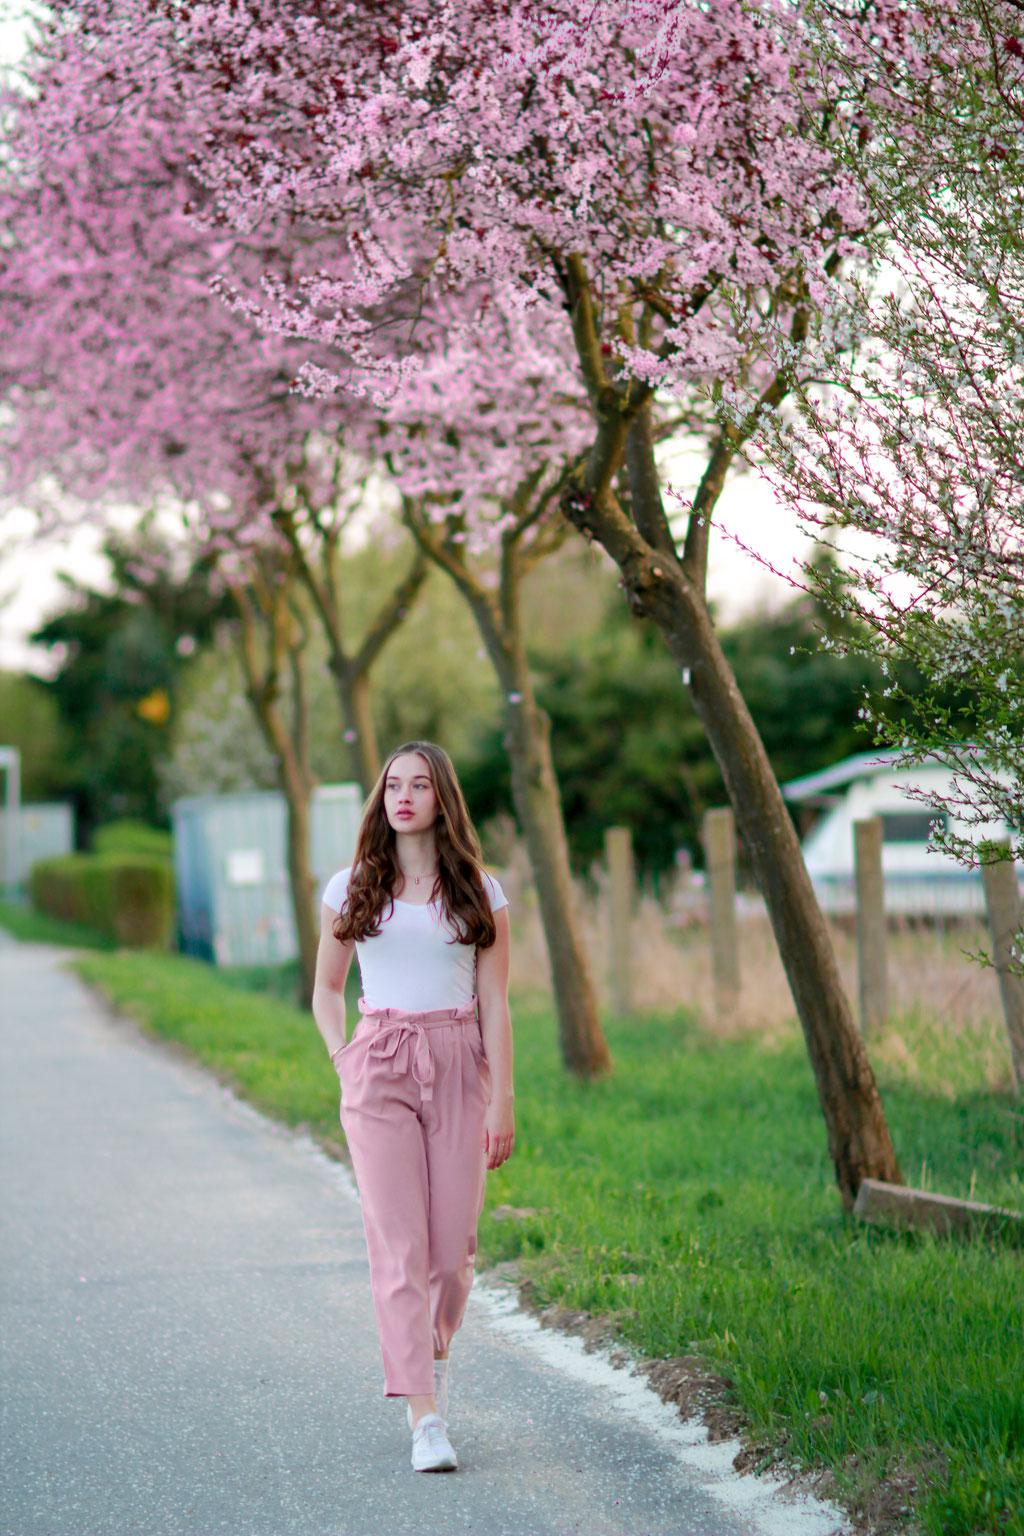 Portraitshooting mit Mareike| Sommer,  Frauenportrait, Kirschblüten, Fashion Portrait, outdoor, Natur